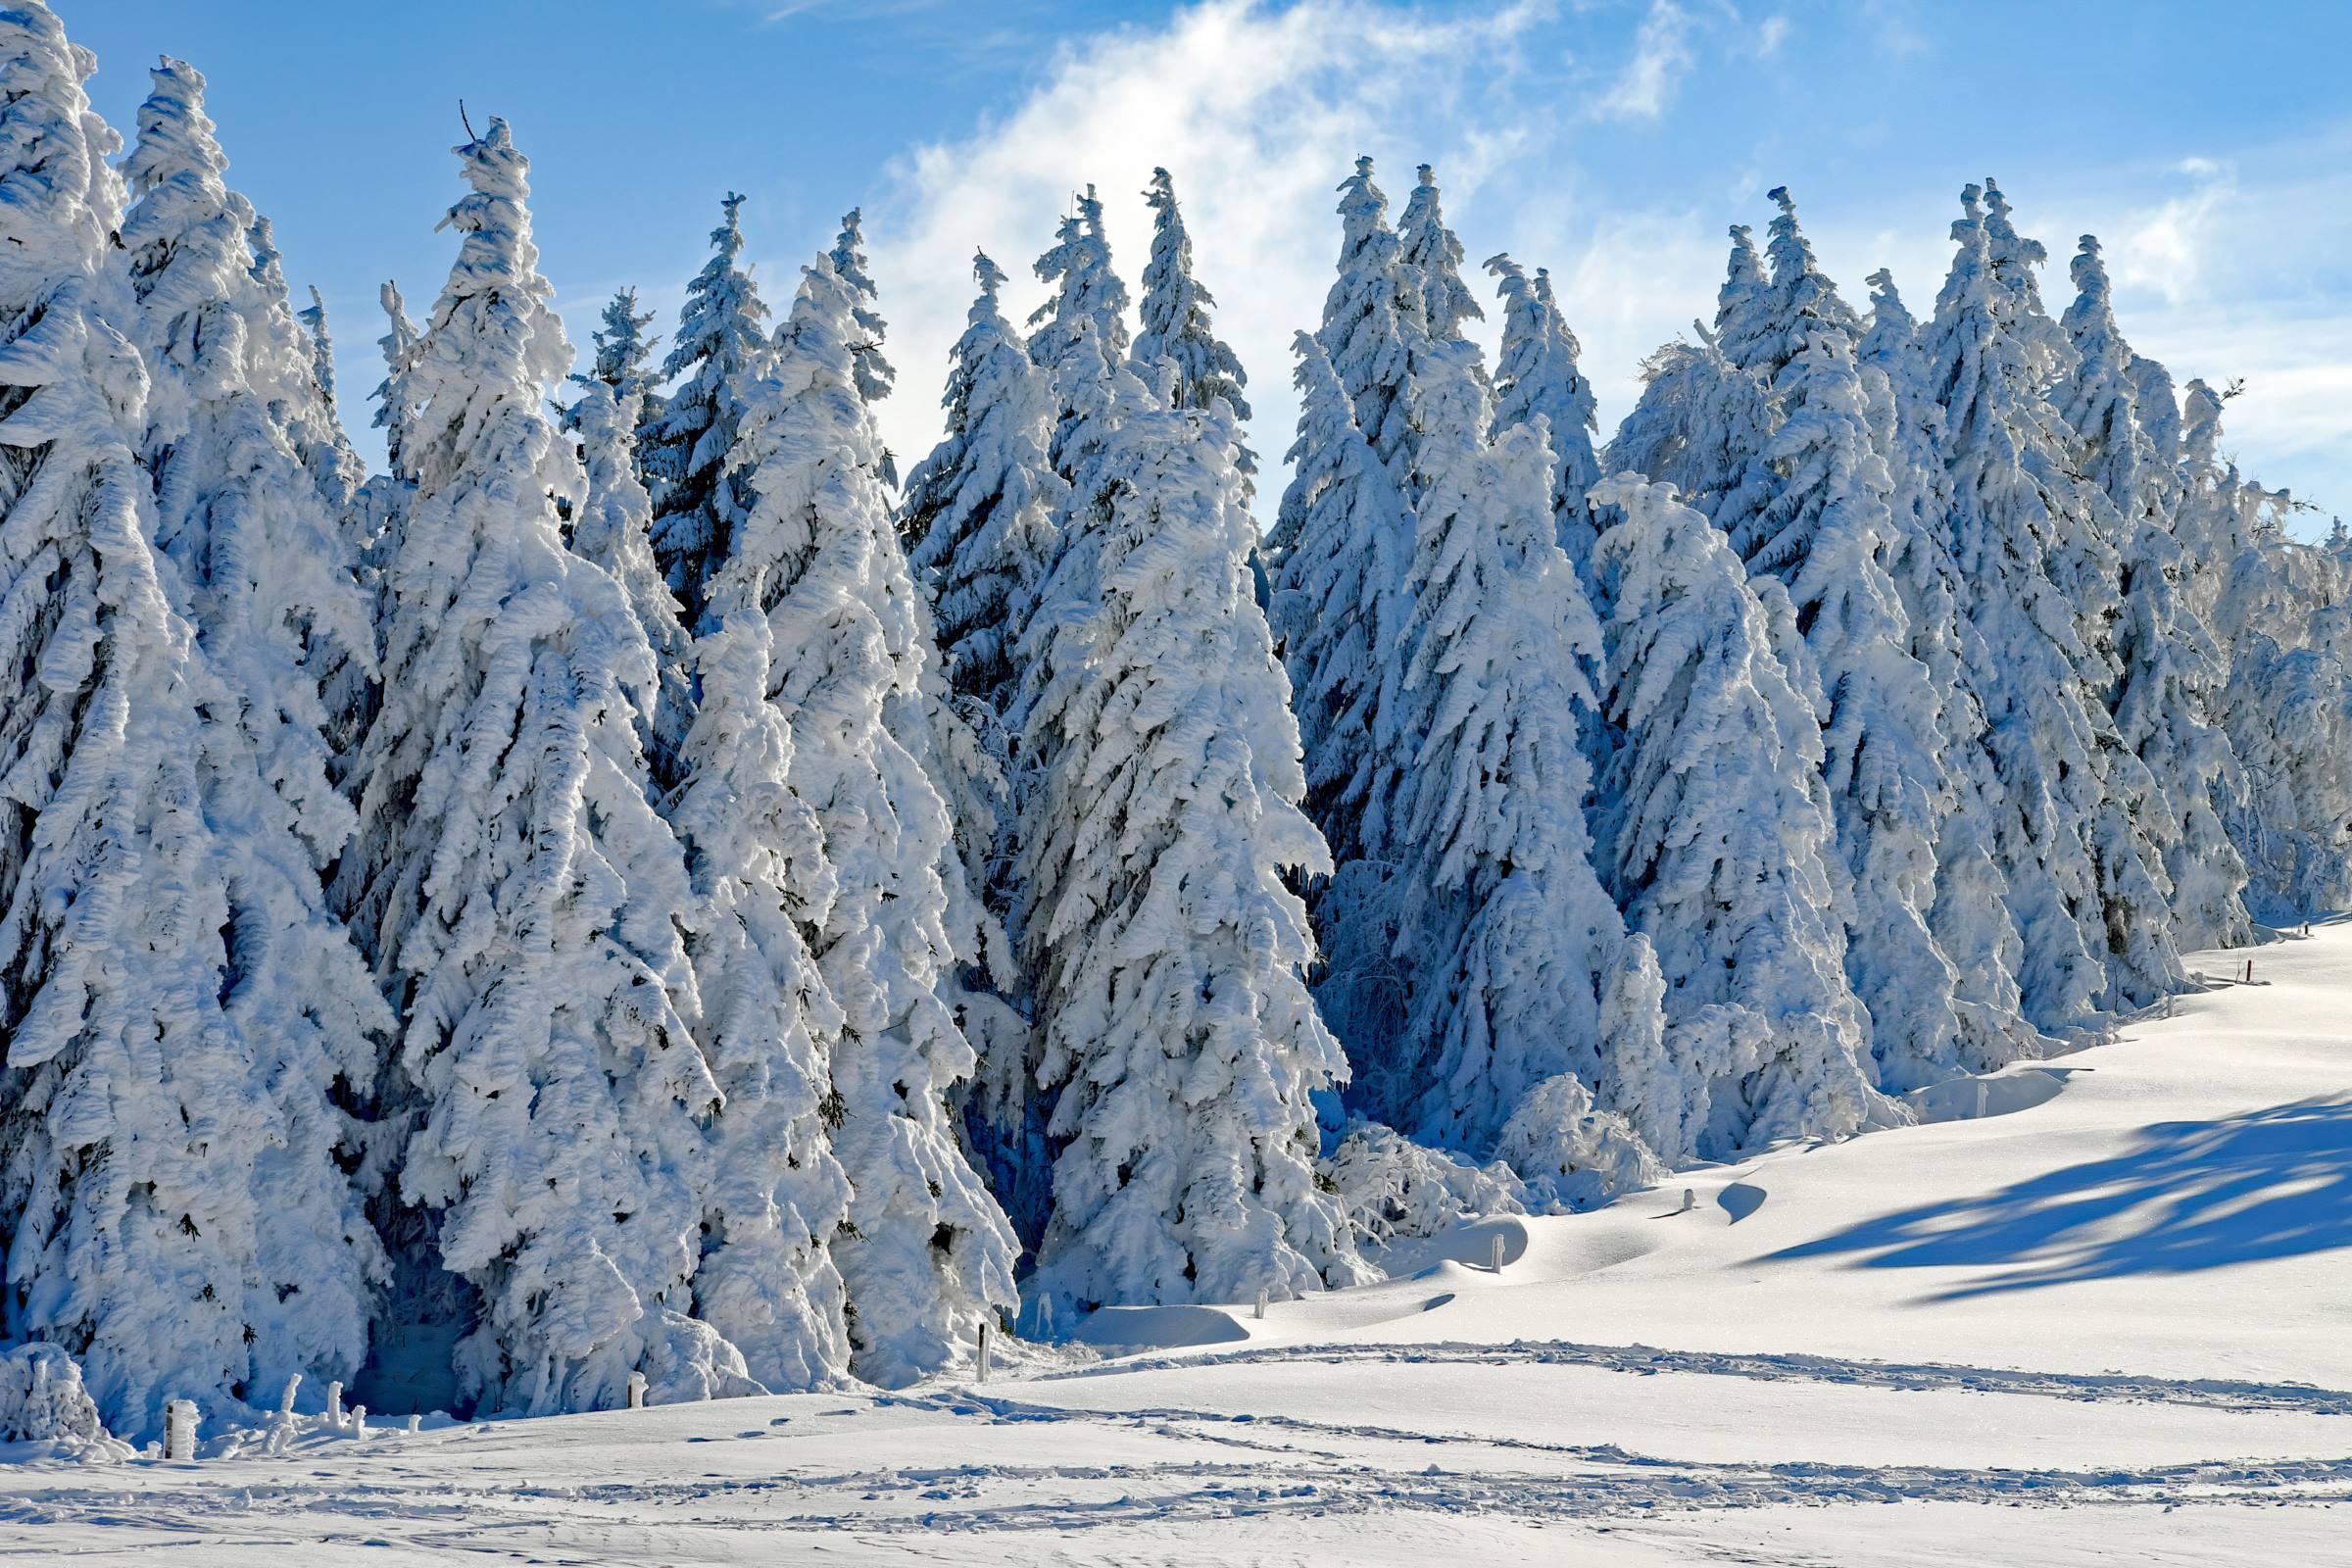 winter fir trees snow blue sky